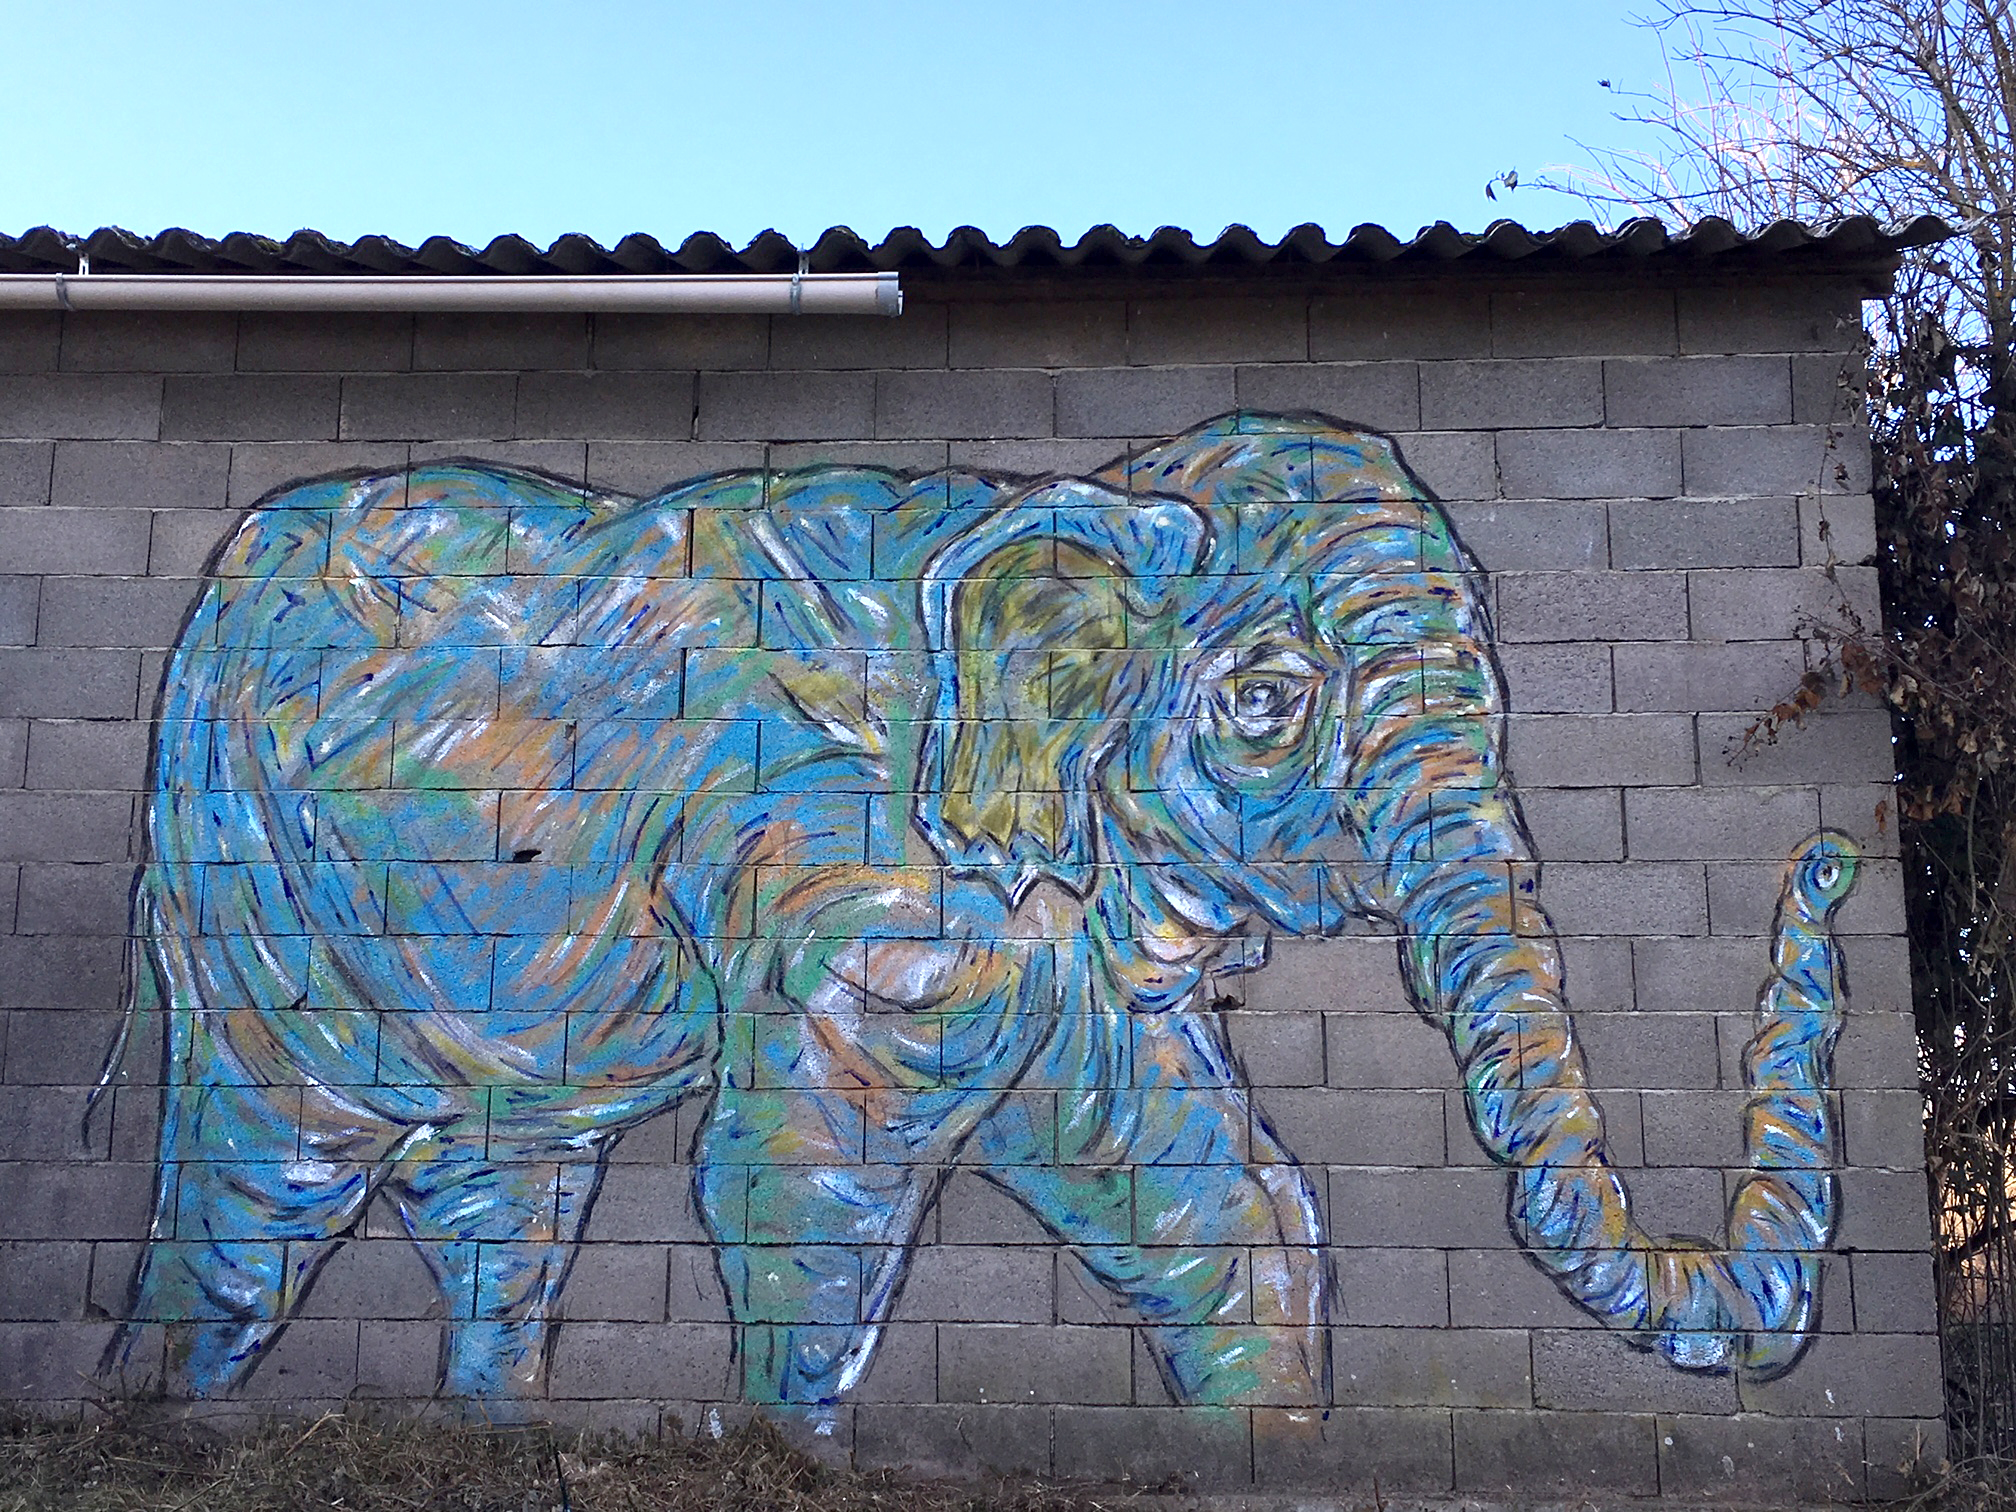 ELEPHANT HAVEN - LIMOGES, FRANCE